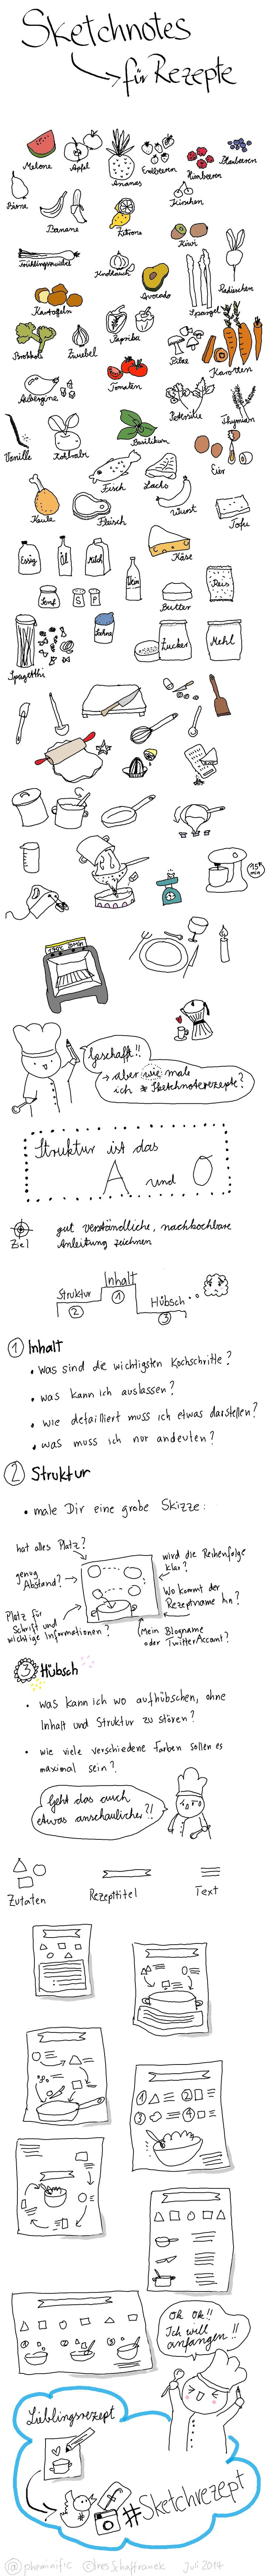 Sketchnotes um rezepte zu visualisieren in einer bilderanleitung